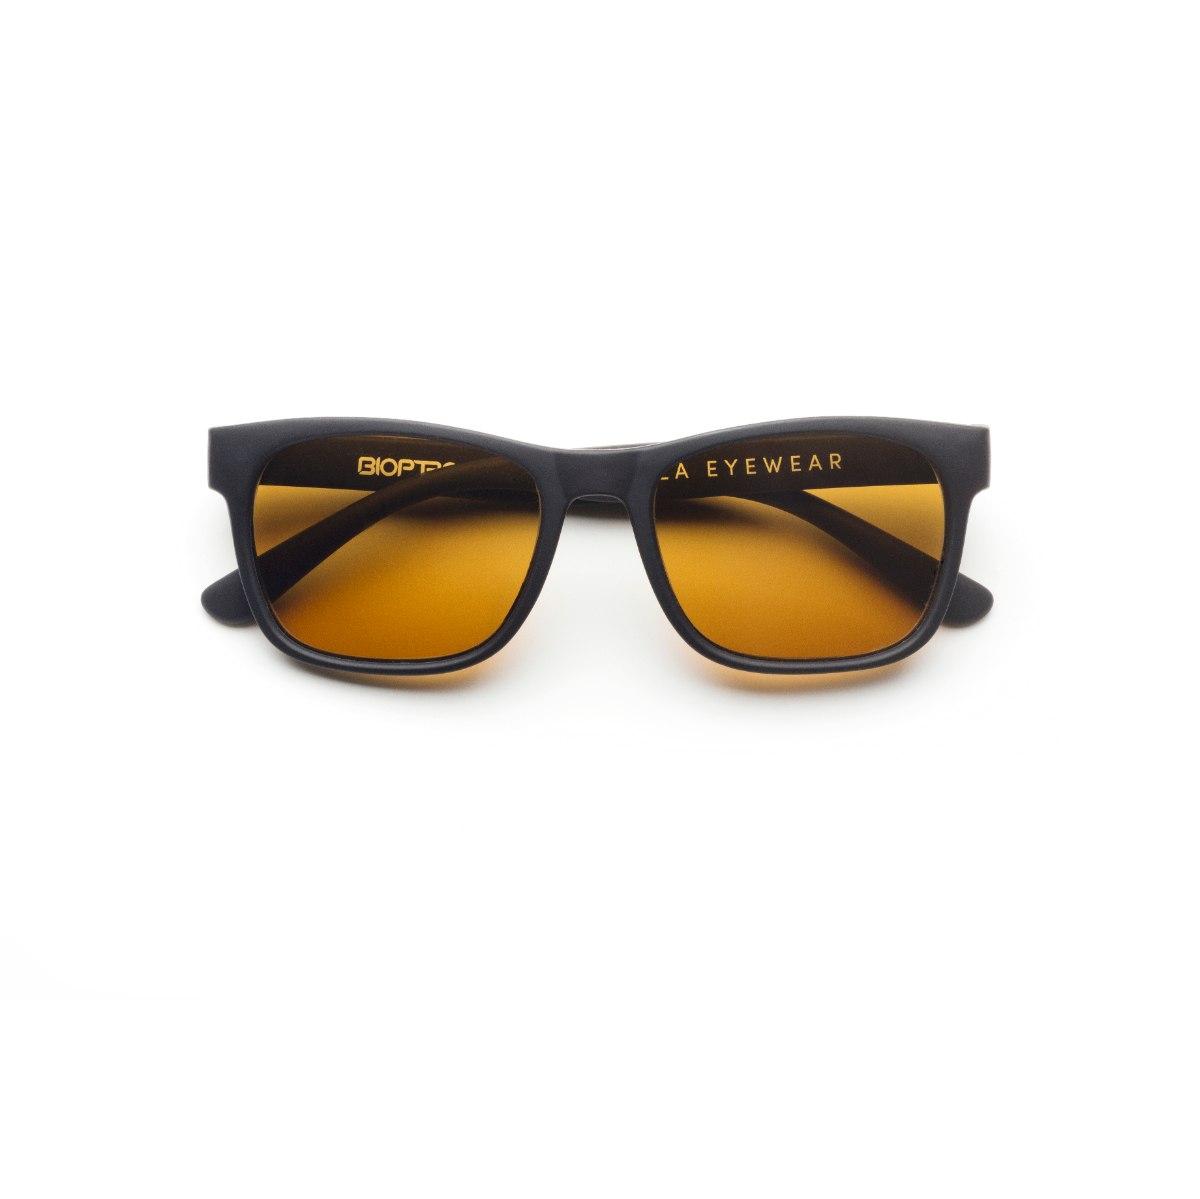 משקפי היפרלייט (נגד קרינה) לילדים, דגם -0401BK מסגרת שחורה